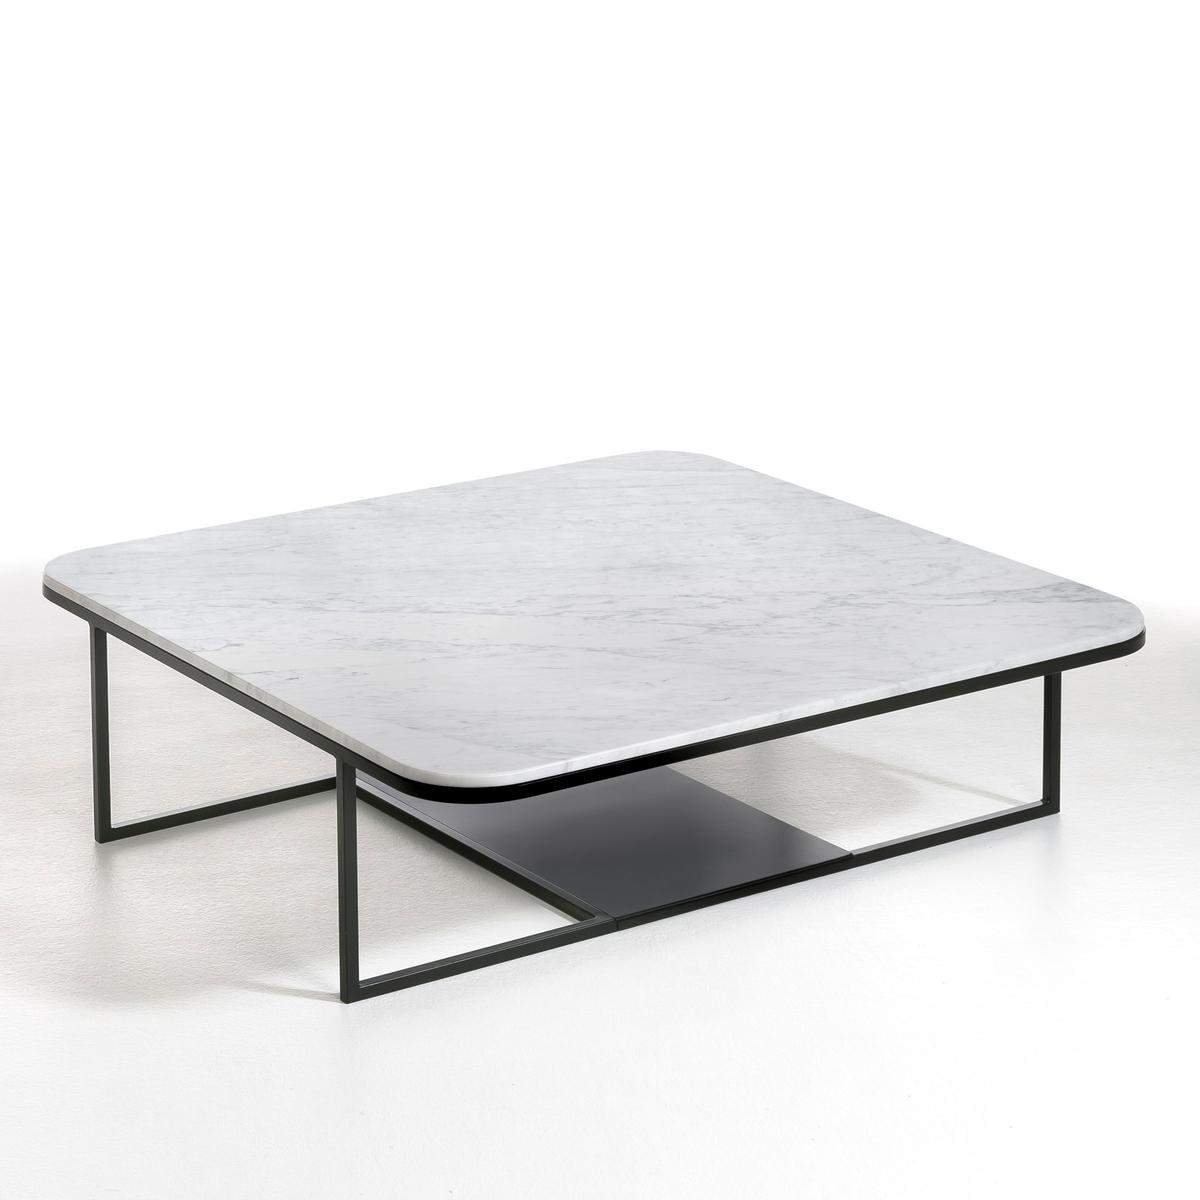 Столик LaRedoute Журнальный Tora дизайн Э Галлины единый размер белый